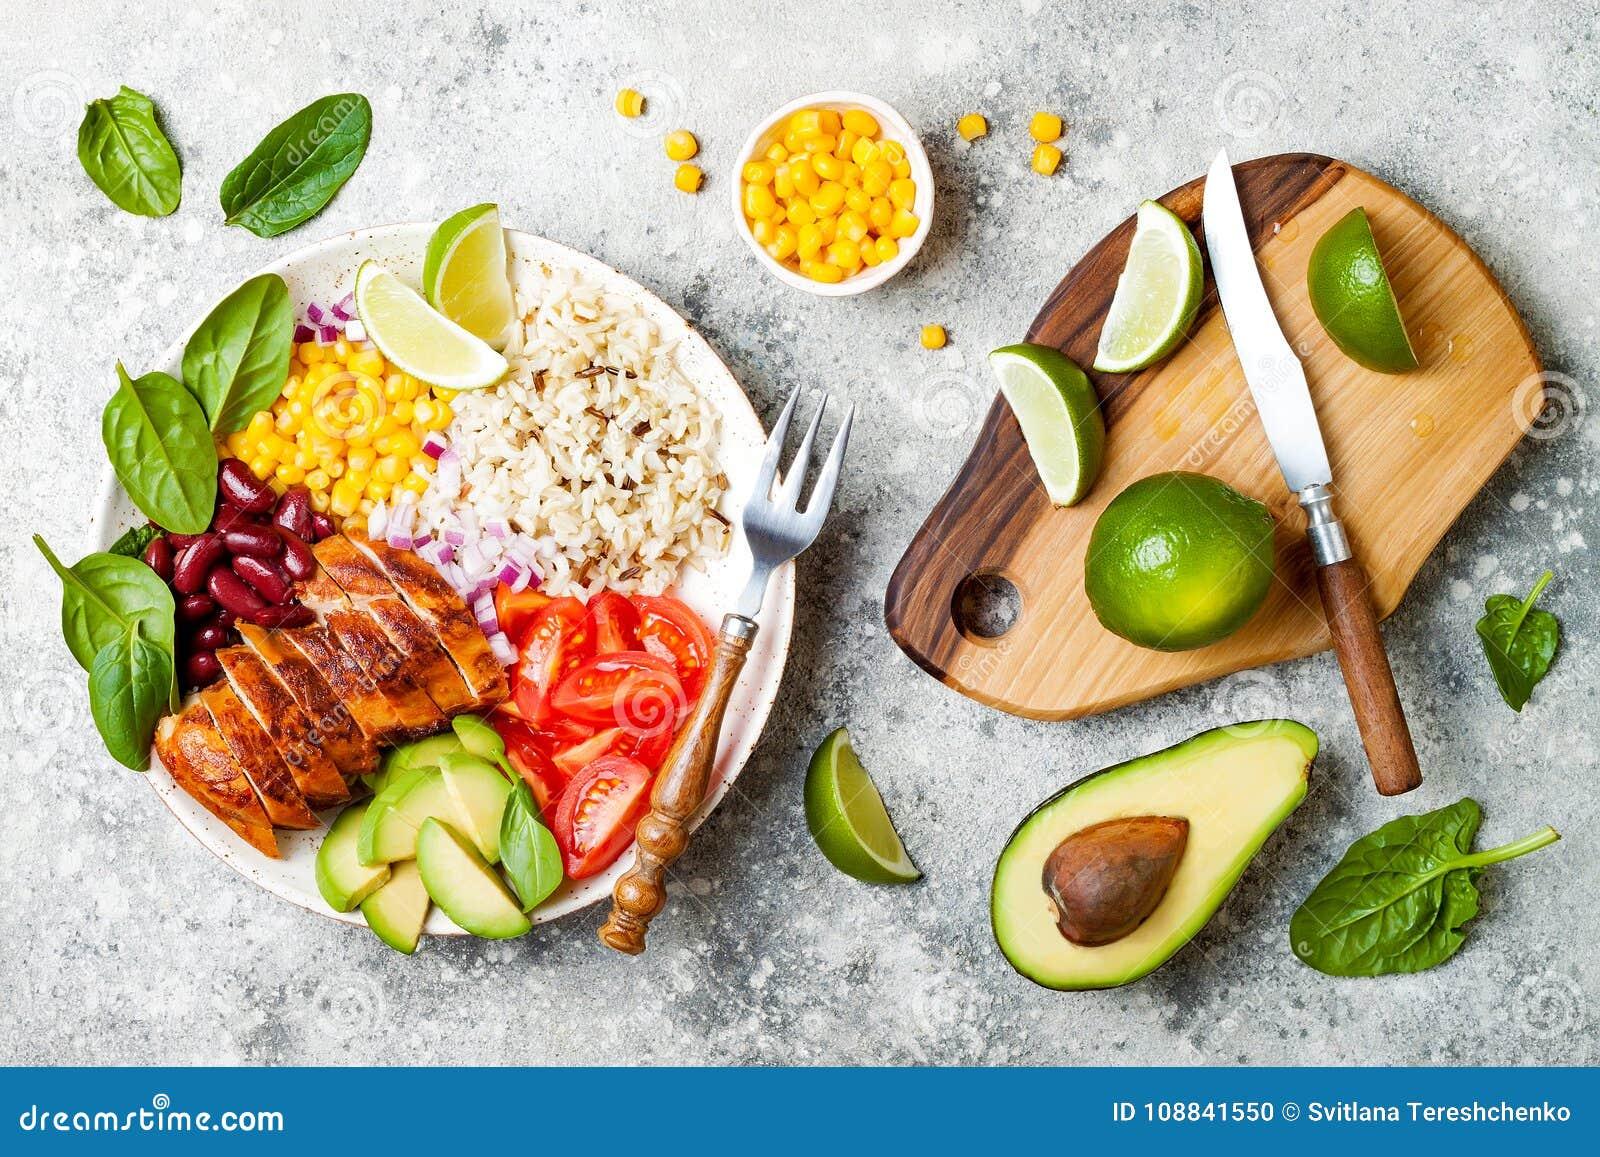 自创墨西哥鸡面卷饼碗用米,豆,玉米,蕃茄,鲕梨,菠菜 炸玉米饼沙拉午餐碗